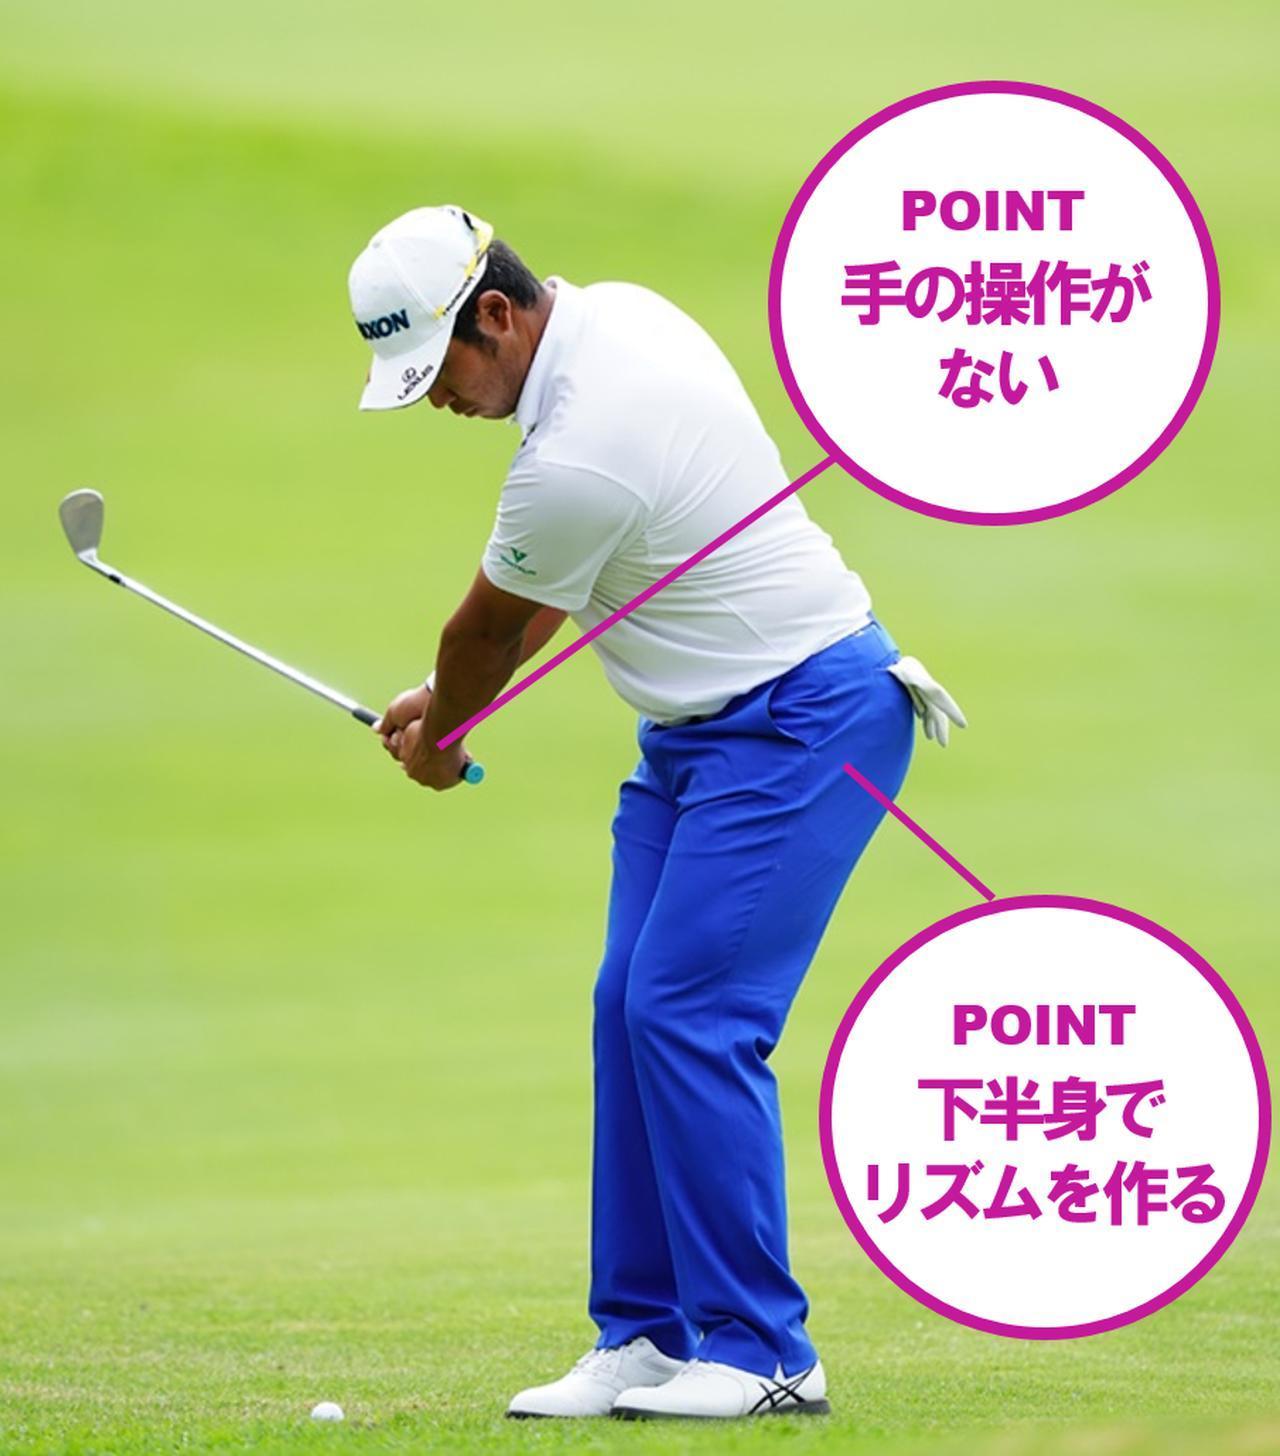 画像10: 【ZOZO選手権】本場PGAツアーがやってくる。解説陣が語る「世界のトップのココを見よ!」タイガー、マキロイ、デイ、バッバ……